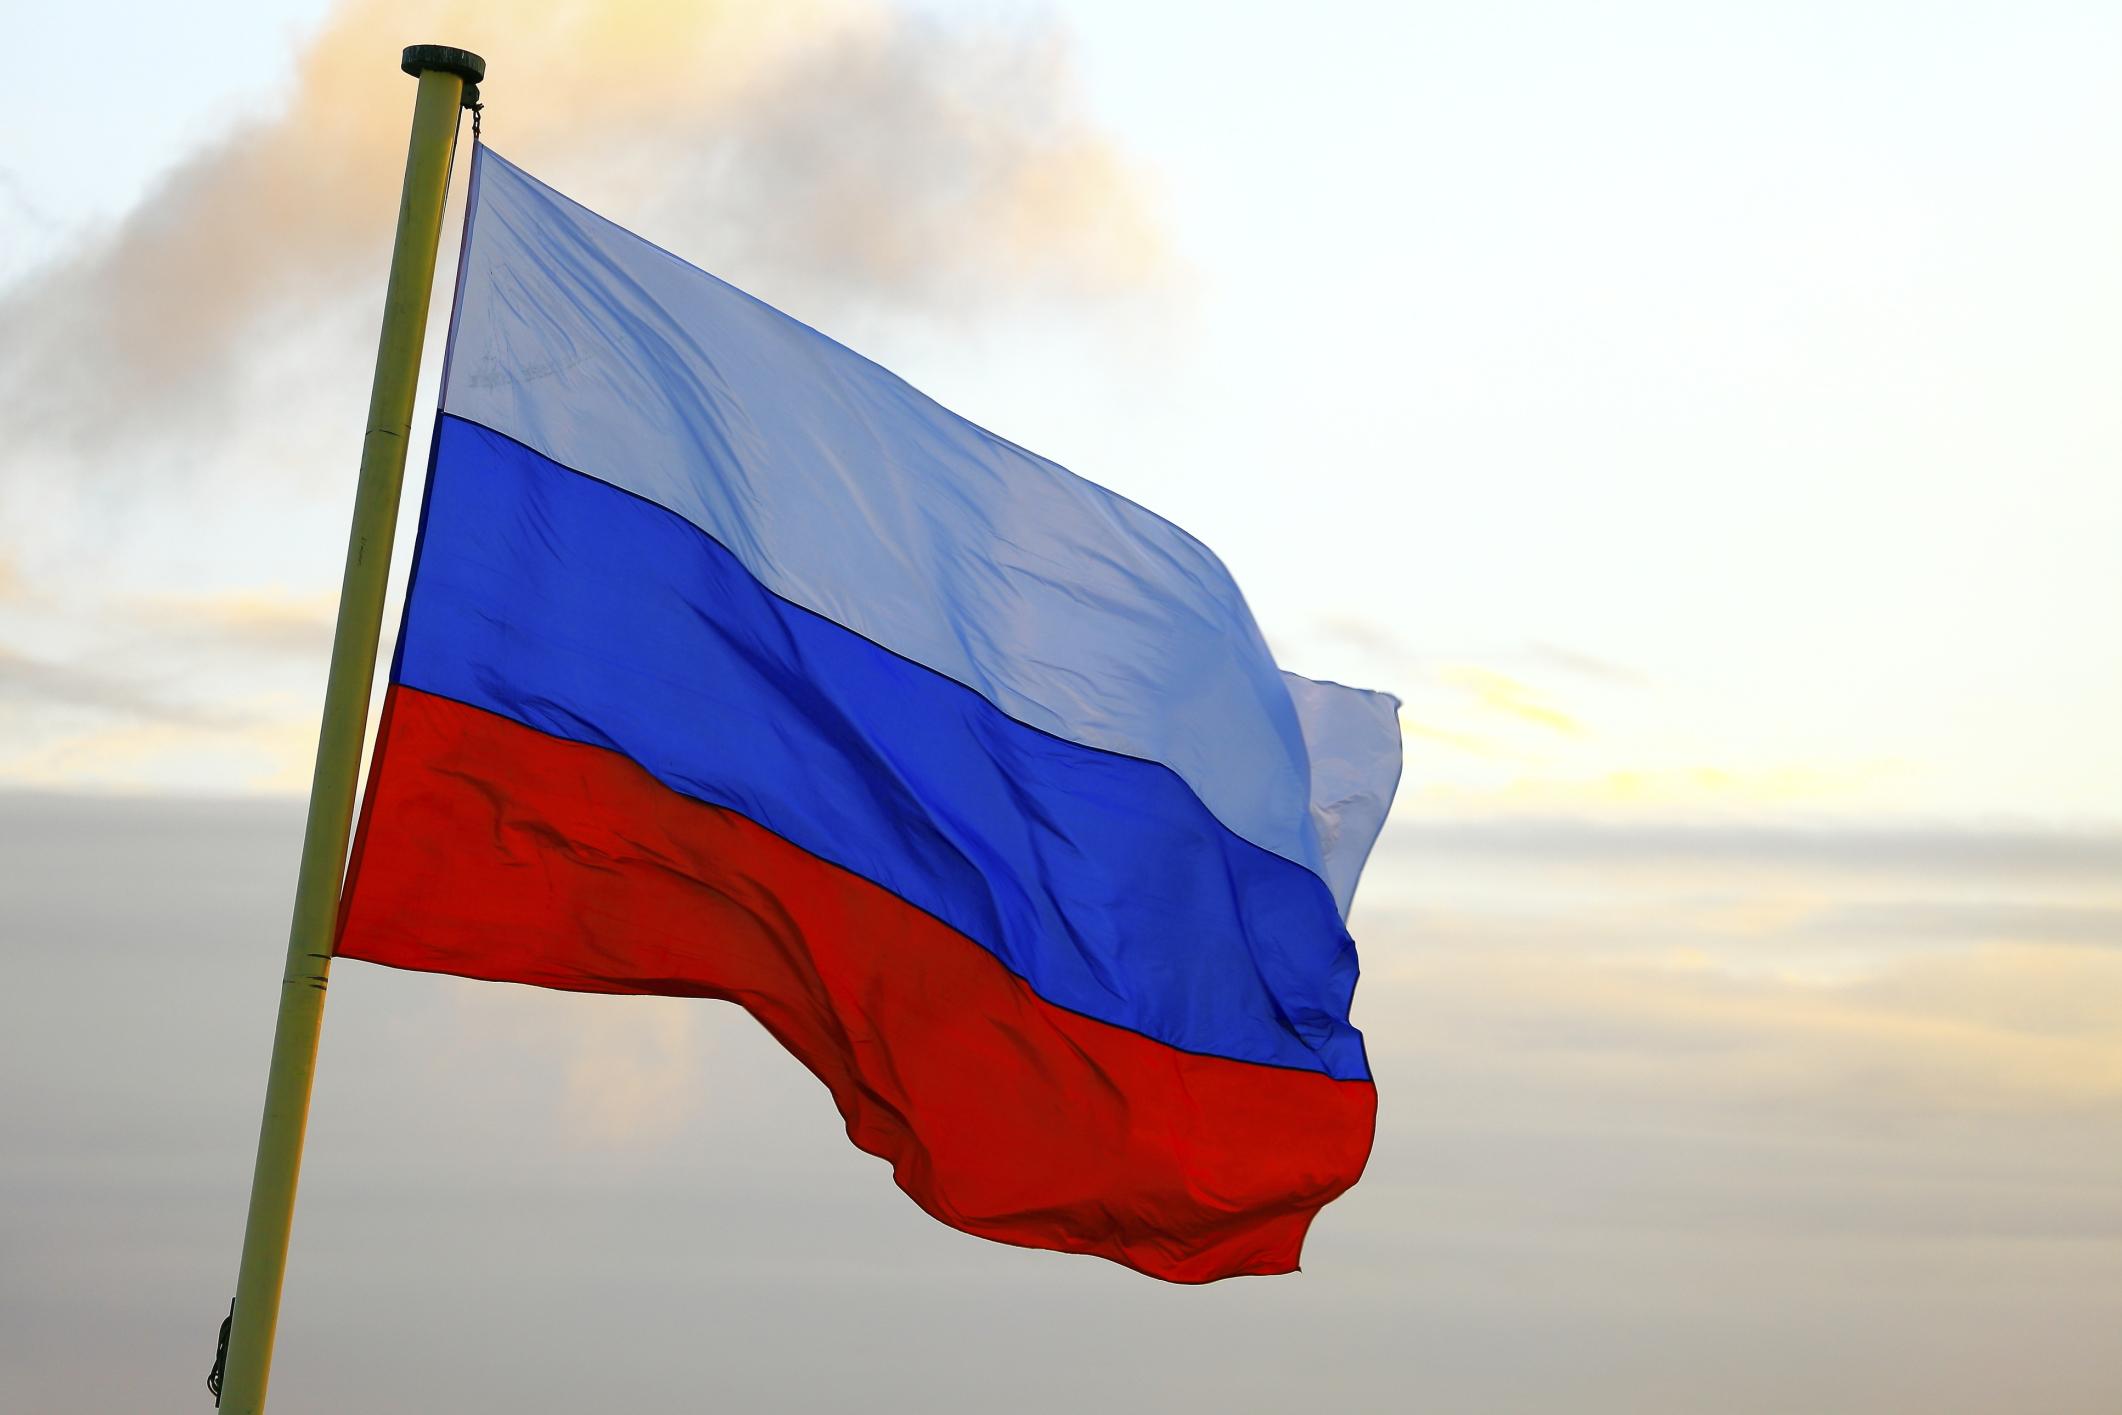 ألعاب قوى: الإبقاء على حرمان روسيا من المشاركة بالبطولات العالمية